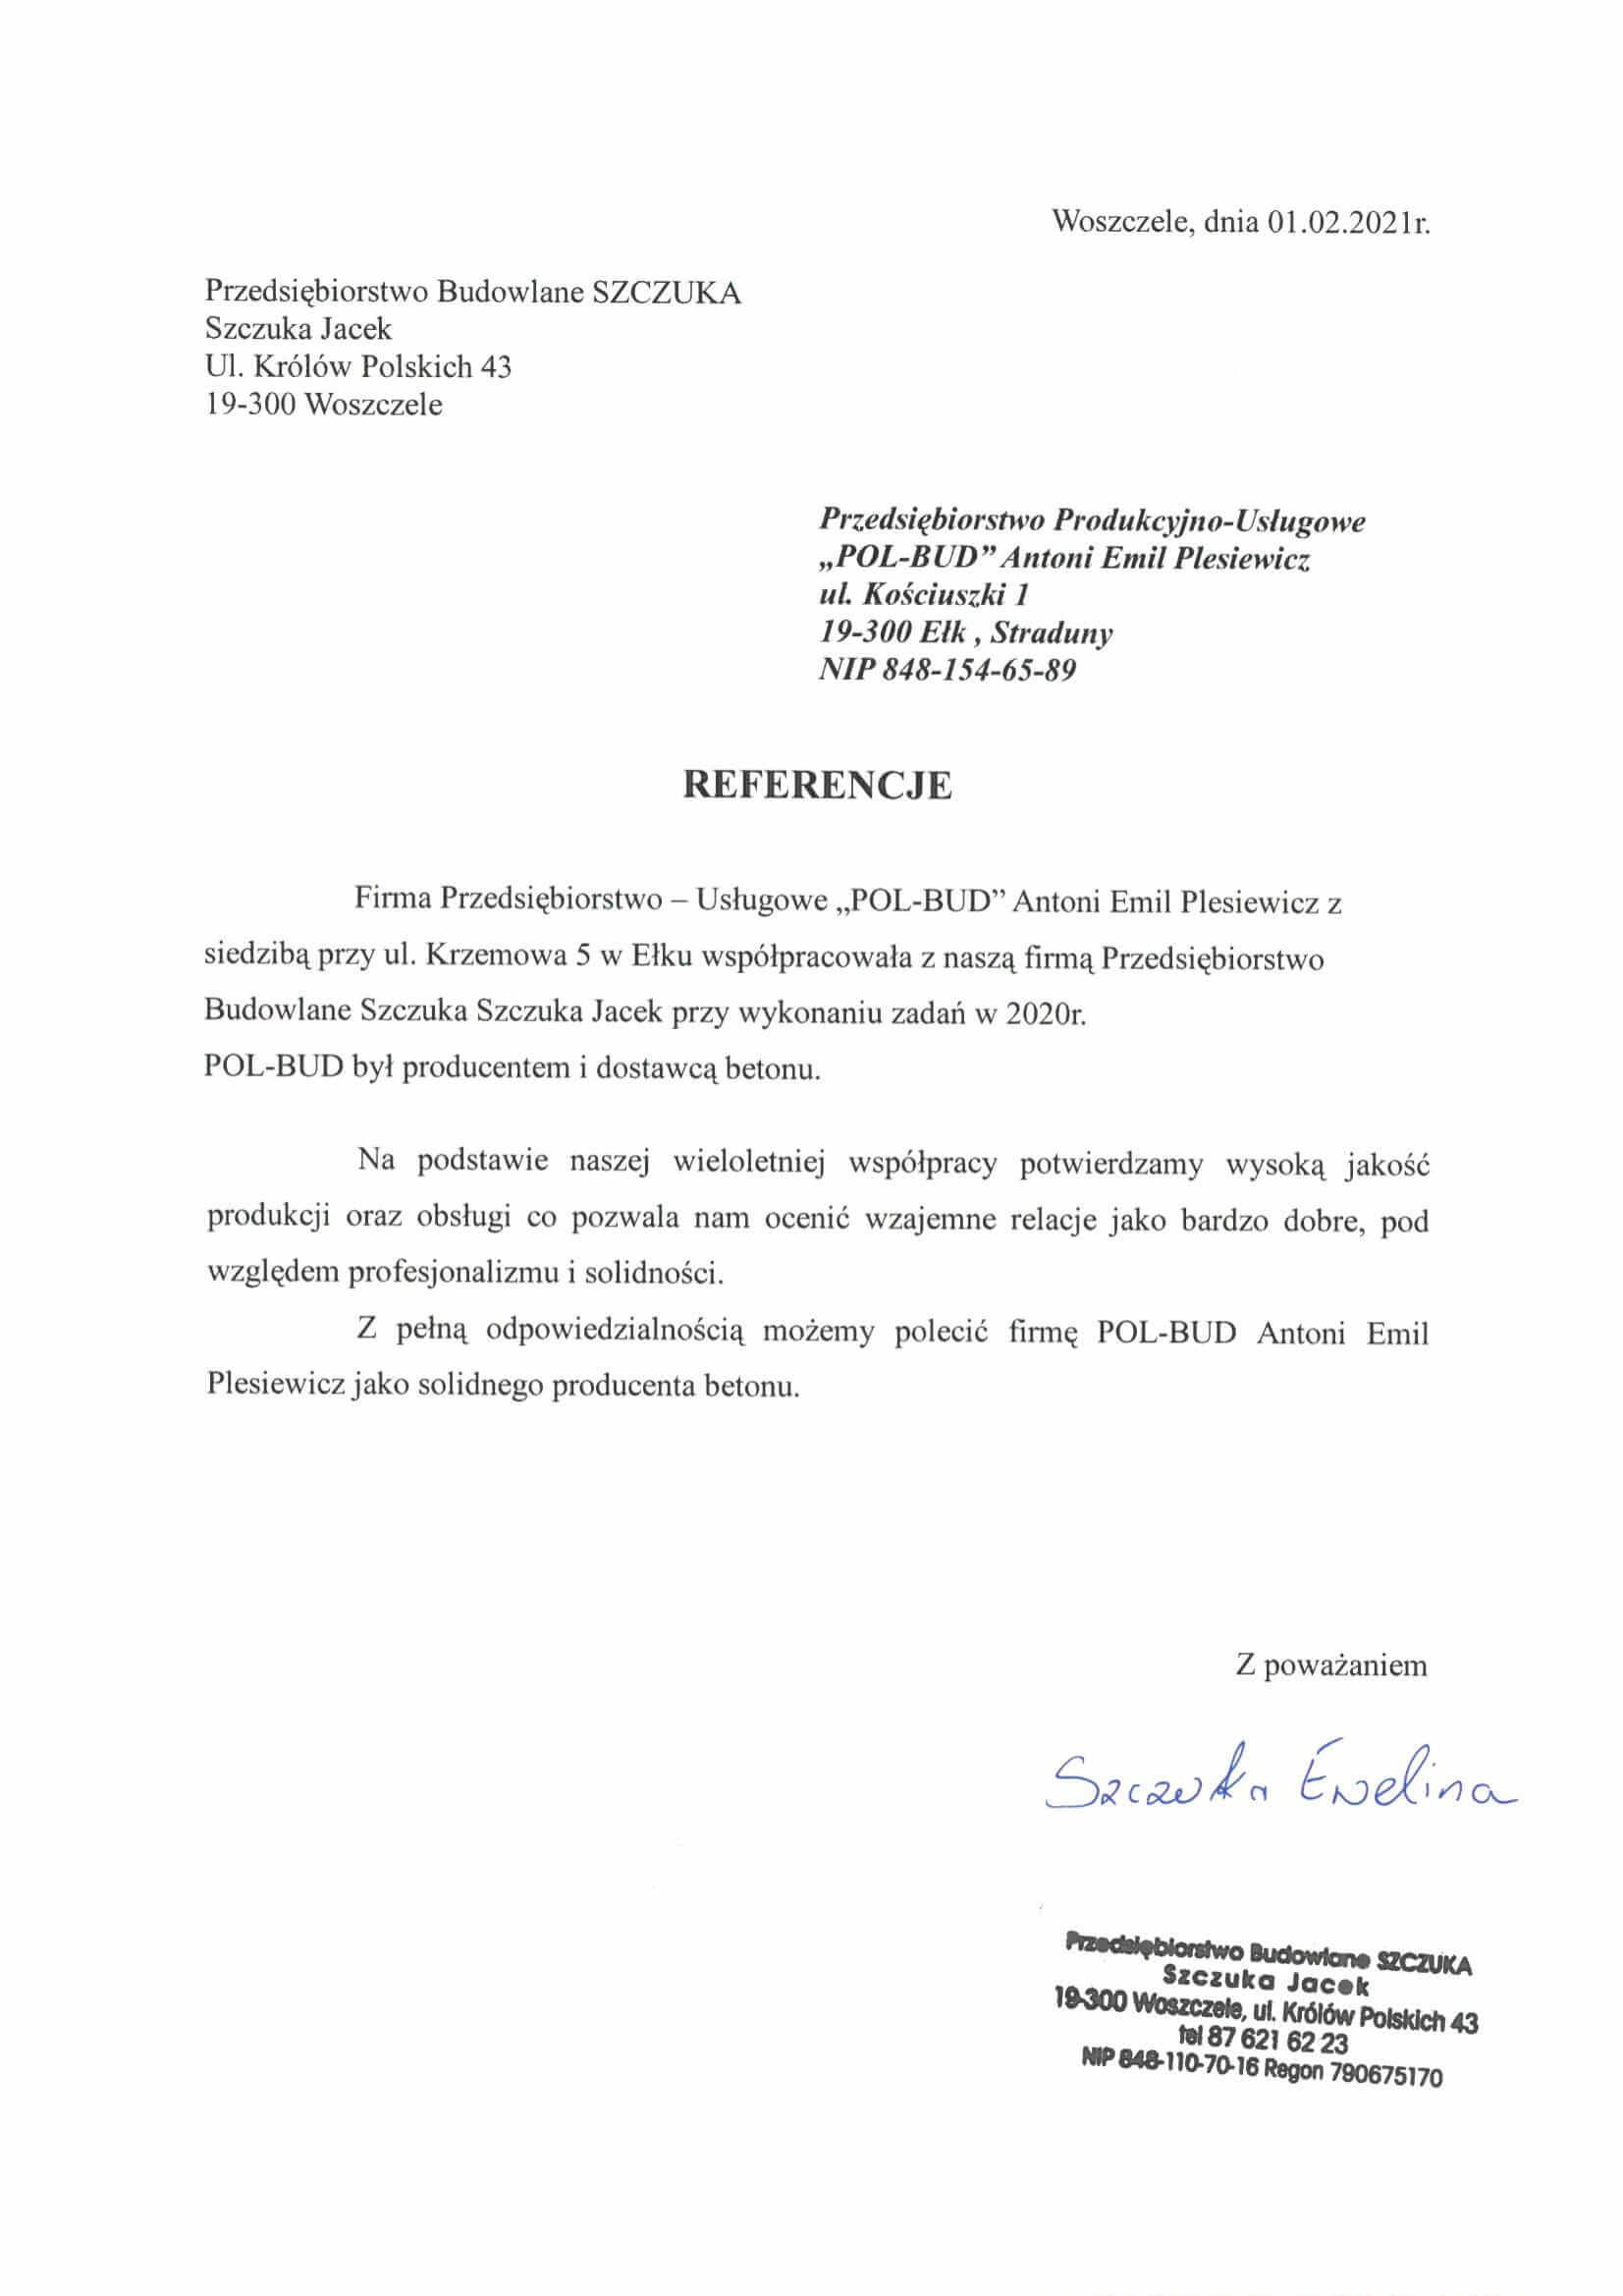 Referencje SZCZUKA 2021-08-10 o 17.52.10-1